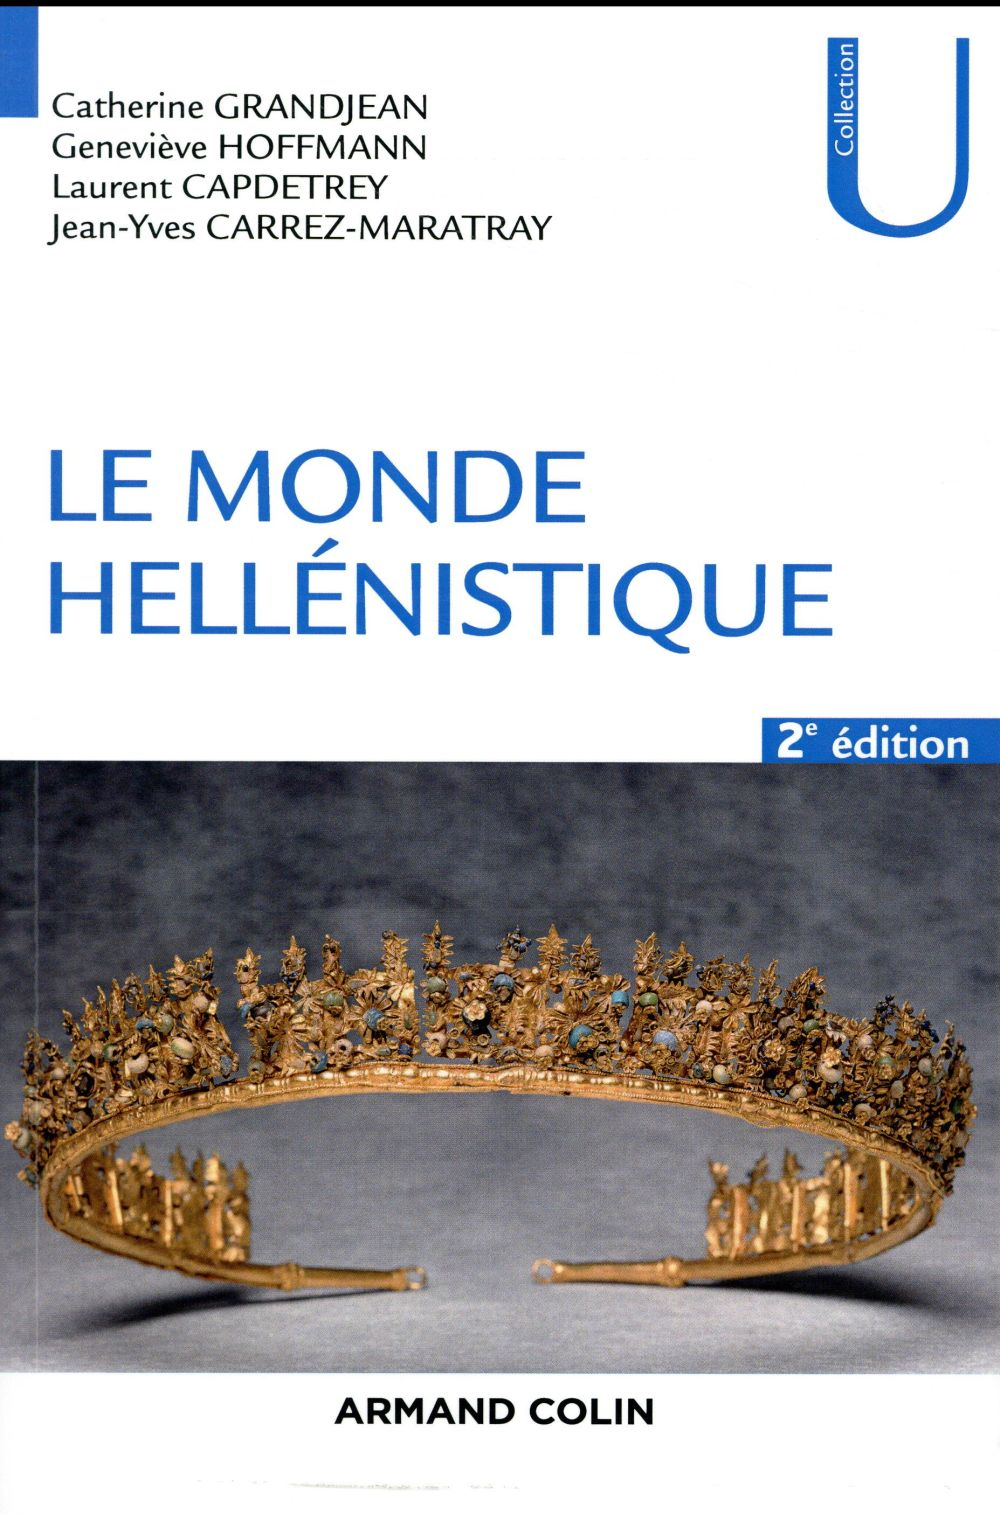 Le monde hellénistique